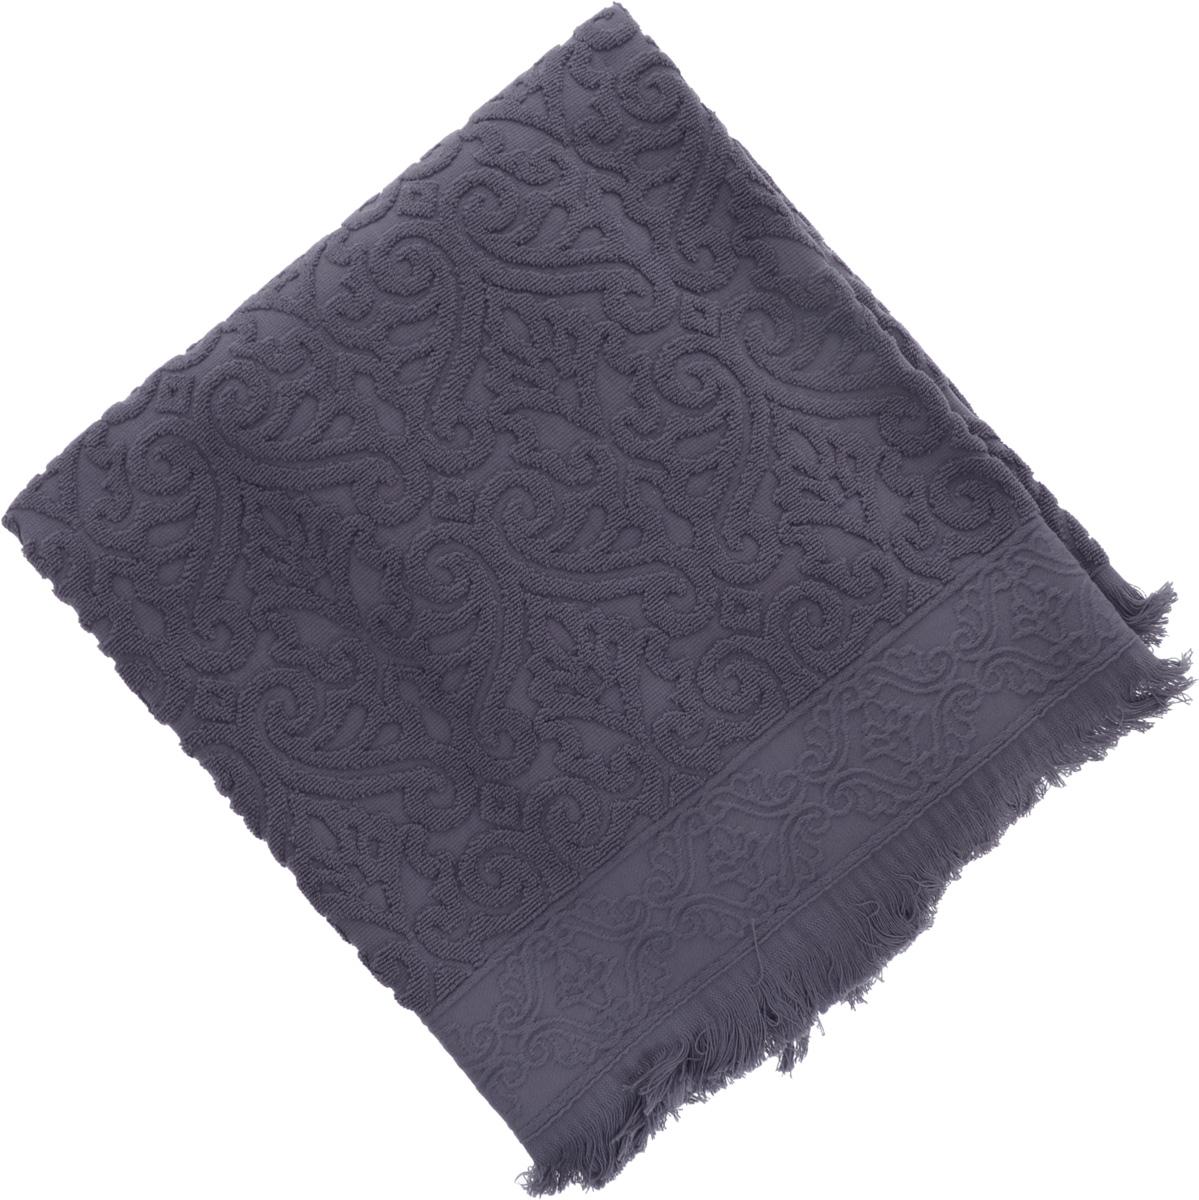 Полотенце махровое Issimo Home Tarren, цвет: индиго, 90 x 150 см4961Полотенце Issimo Home Tarren выполнено из 100% хлопка с махровым рельефным узором. Изделие отлично впитывает влагу, быстро сохнет и не теряет форму даже после многократных стирок. Рекомендации по уходу: - режим стирки при 40°C, - допускается обычная химчистка, - отбеливание запрещено, - глажка при температуре подошвы утюга до 110°С, - барабанный отжим запрещен. Размер полотенца: 90 х 150 см.